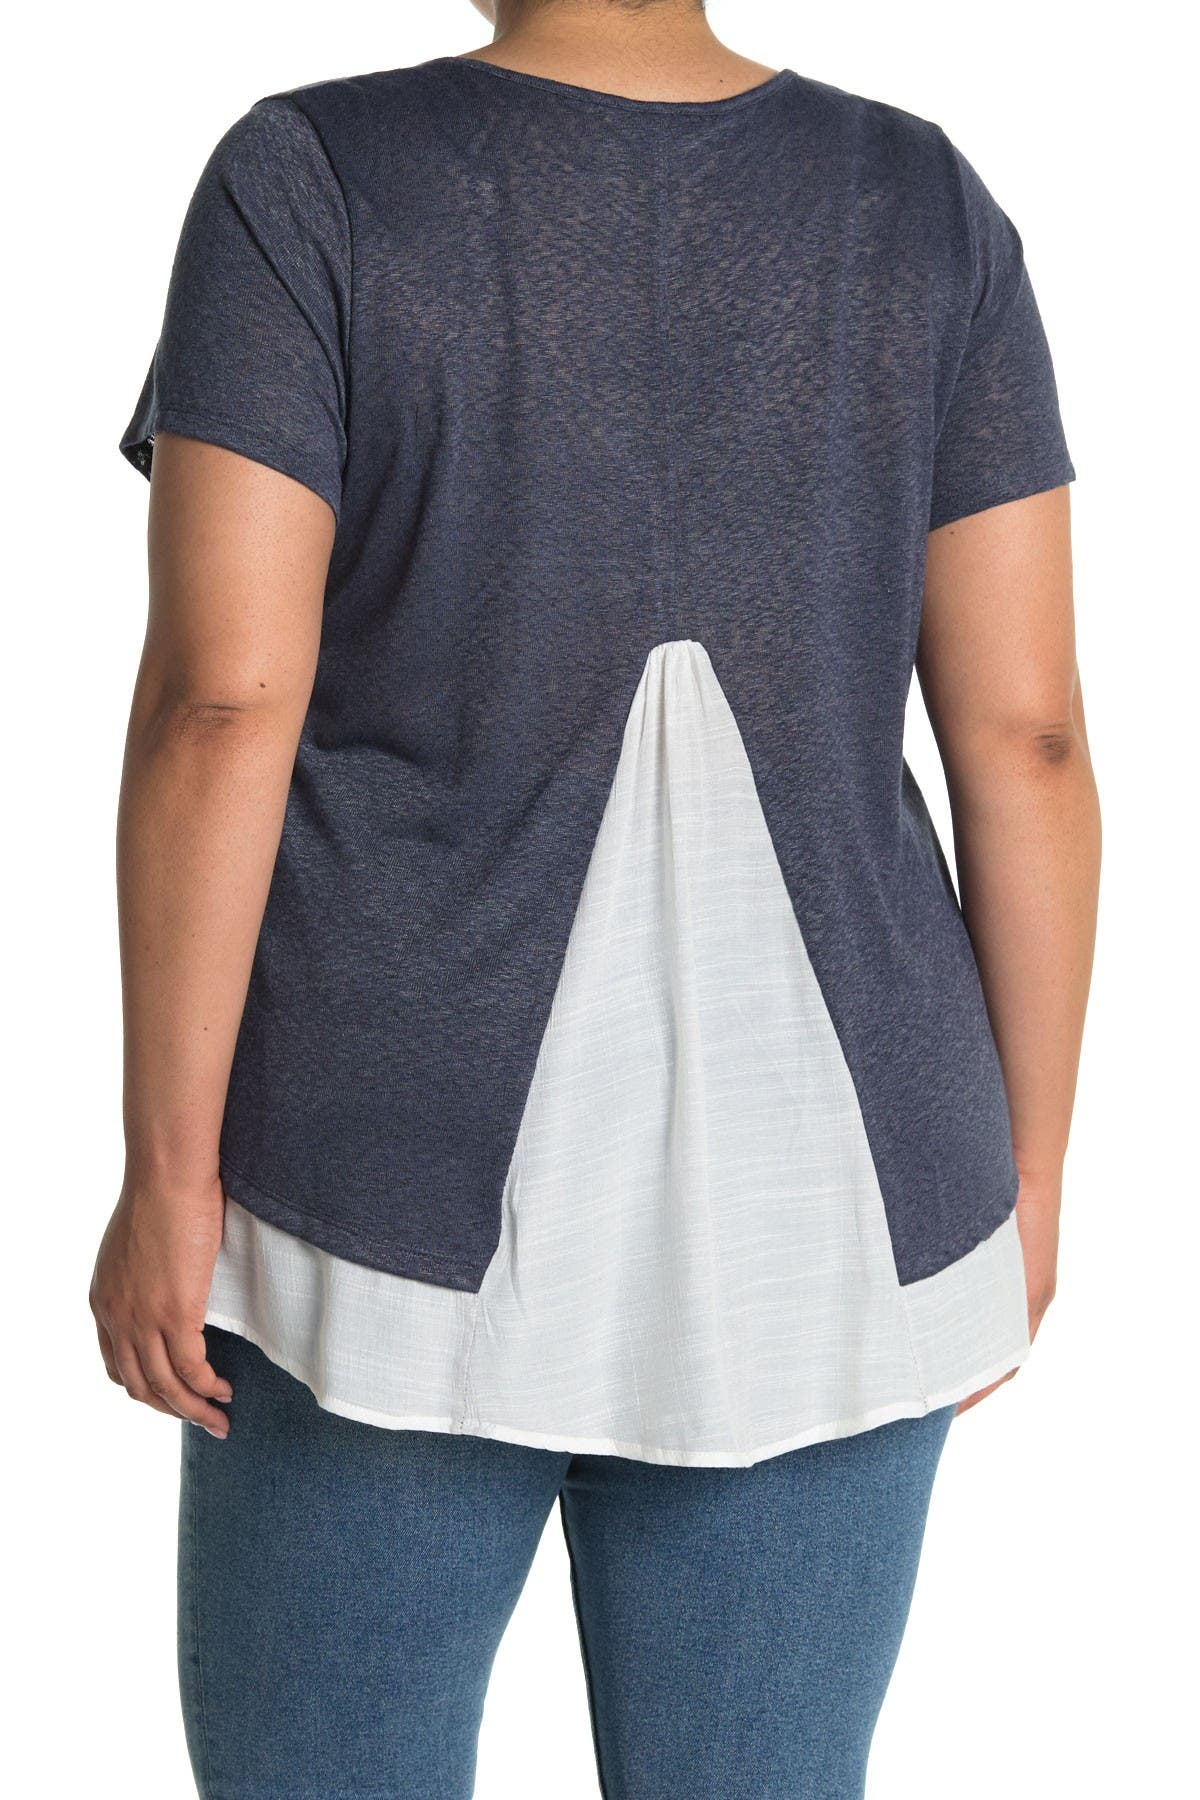 Image of Bobeau Caty Slub Knit Mixed Media T-Shirt